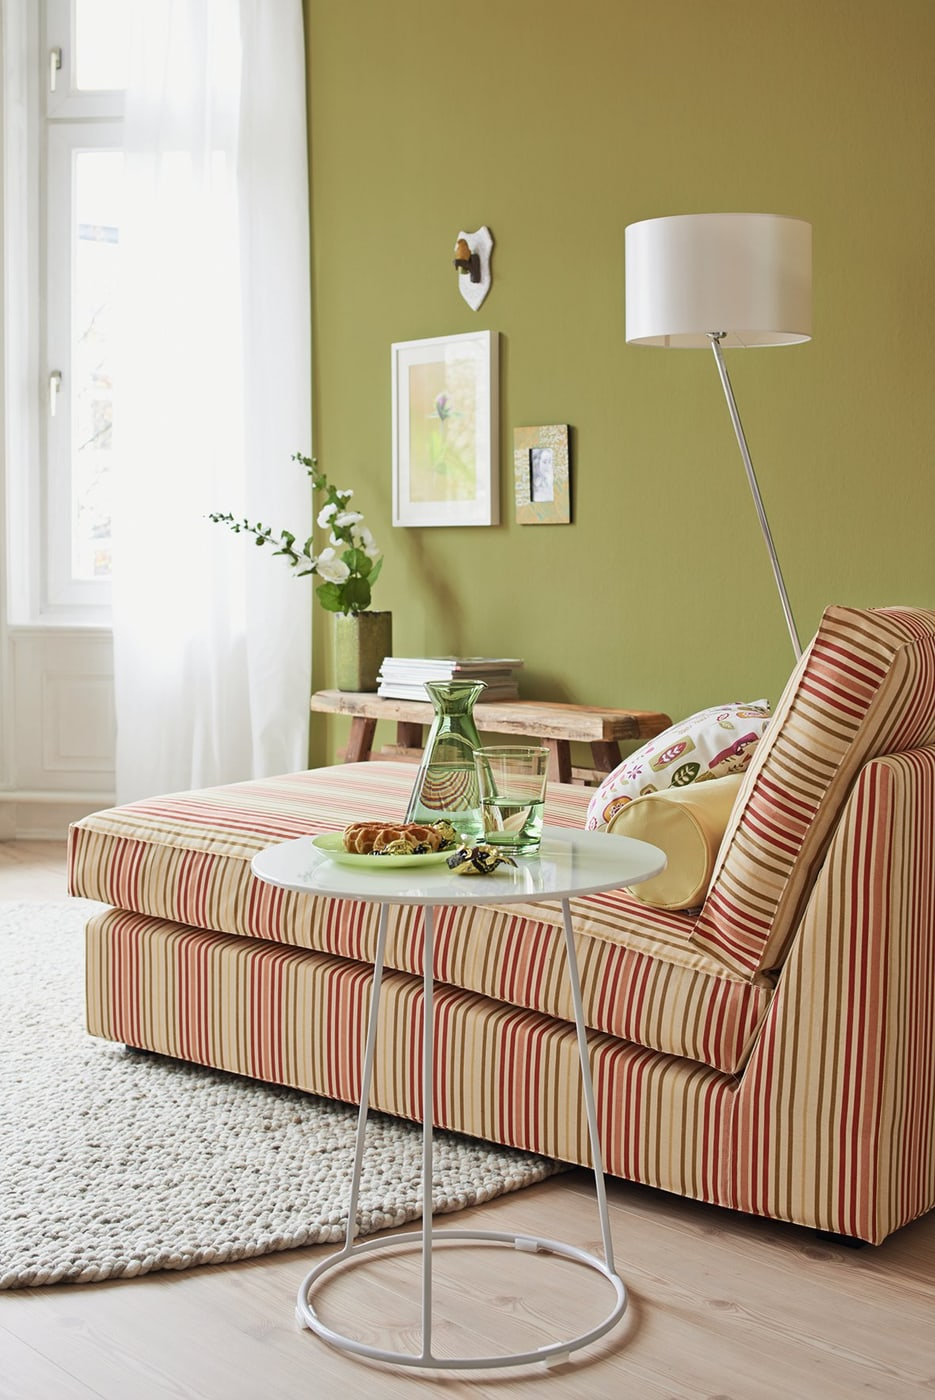 Schoner Wohnen Trendfarbe Matt Bamboo 1 L Migros